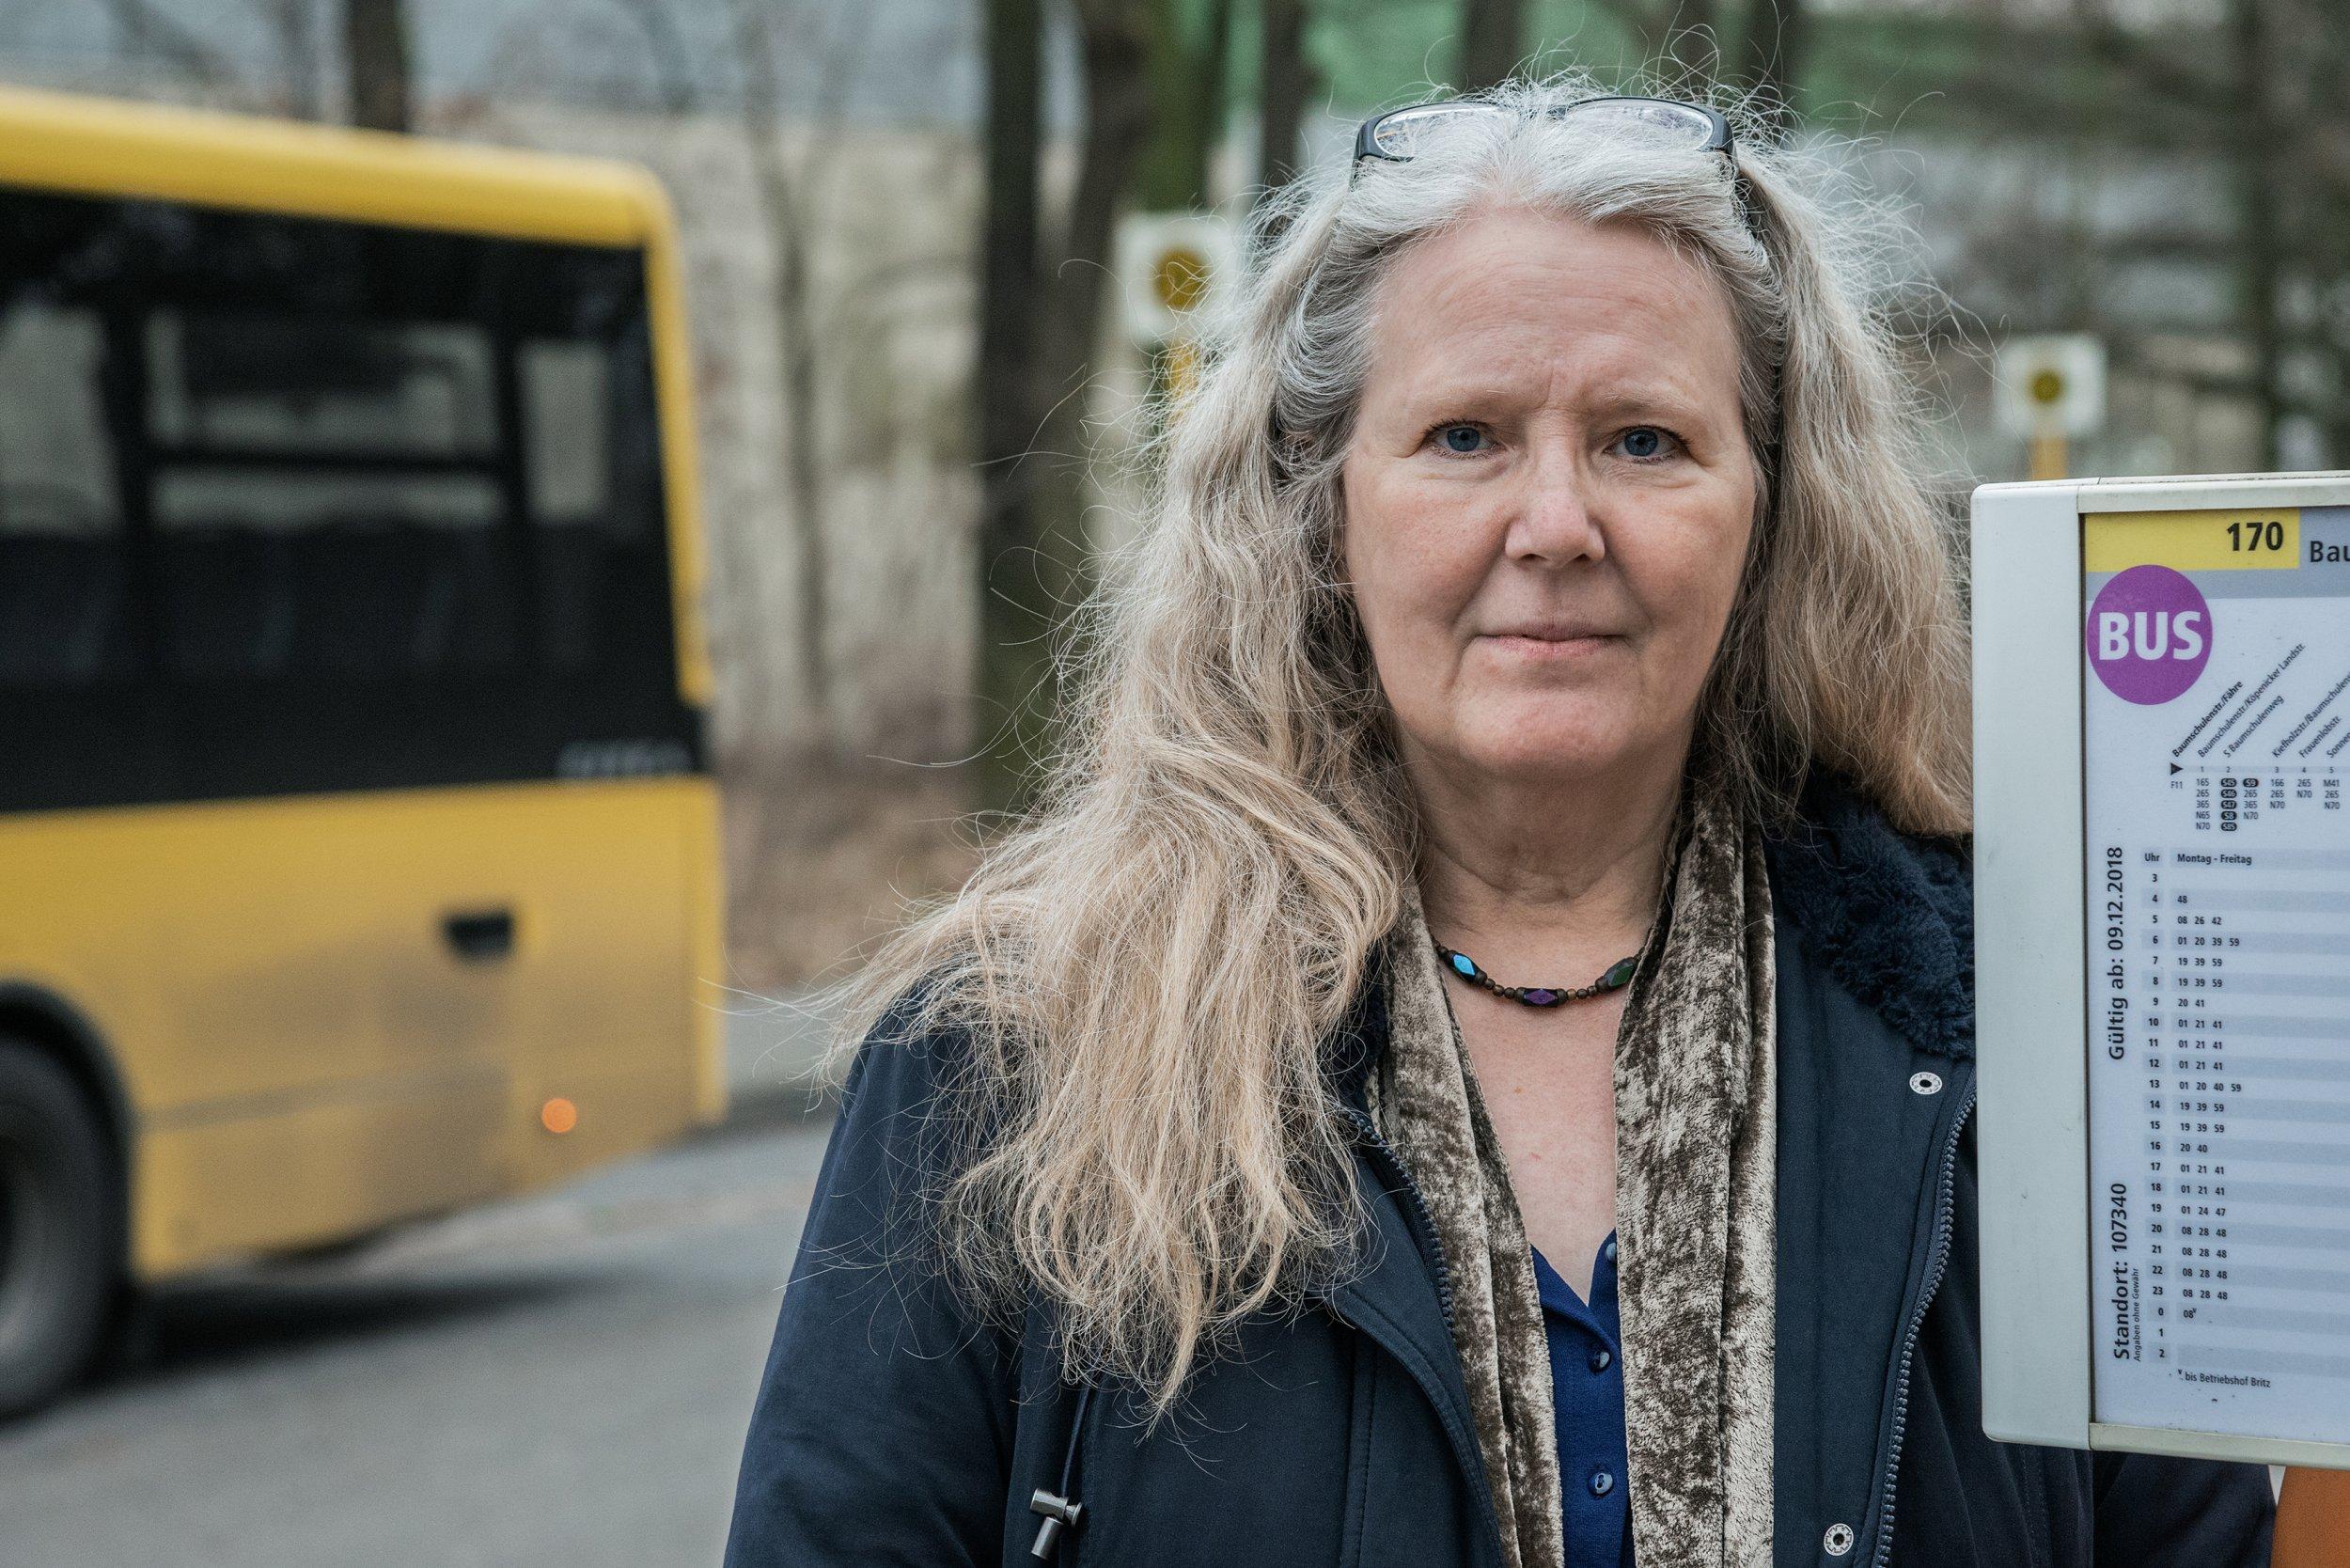 <p>Susanne Schmidt hatte schon als Drehbuchautorin, Stadtführerin und Erzieherin gearbeitet, als sie mit Mitte 50 nochmal umsattelte – zur Busfahrerin</p>